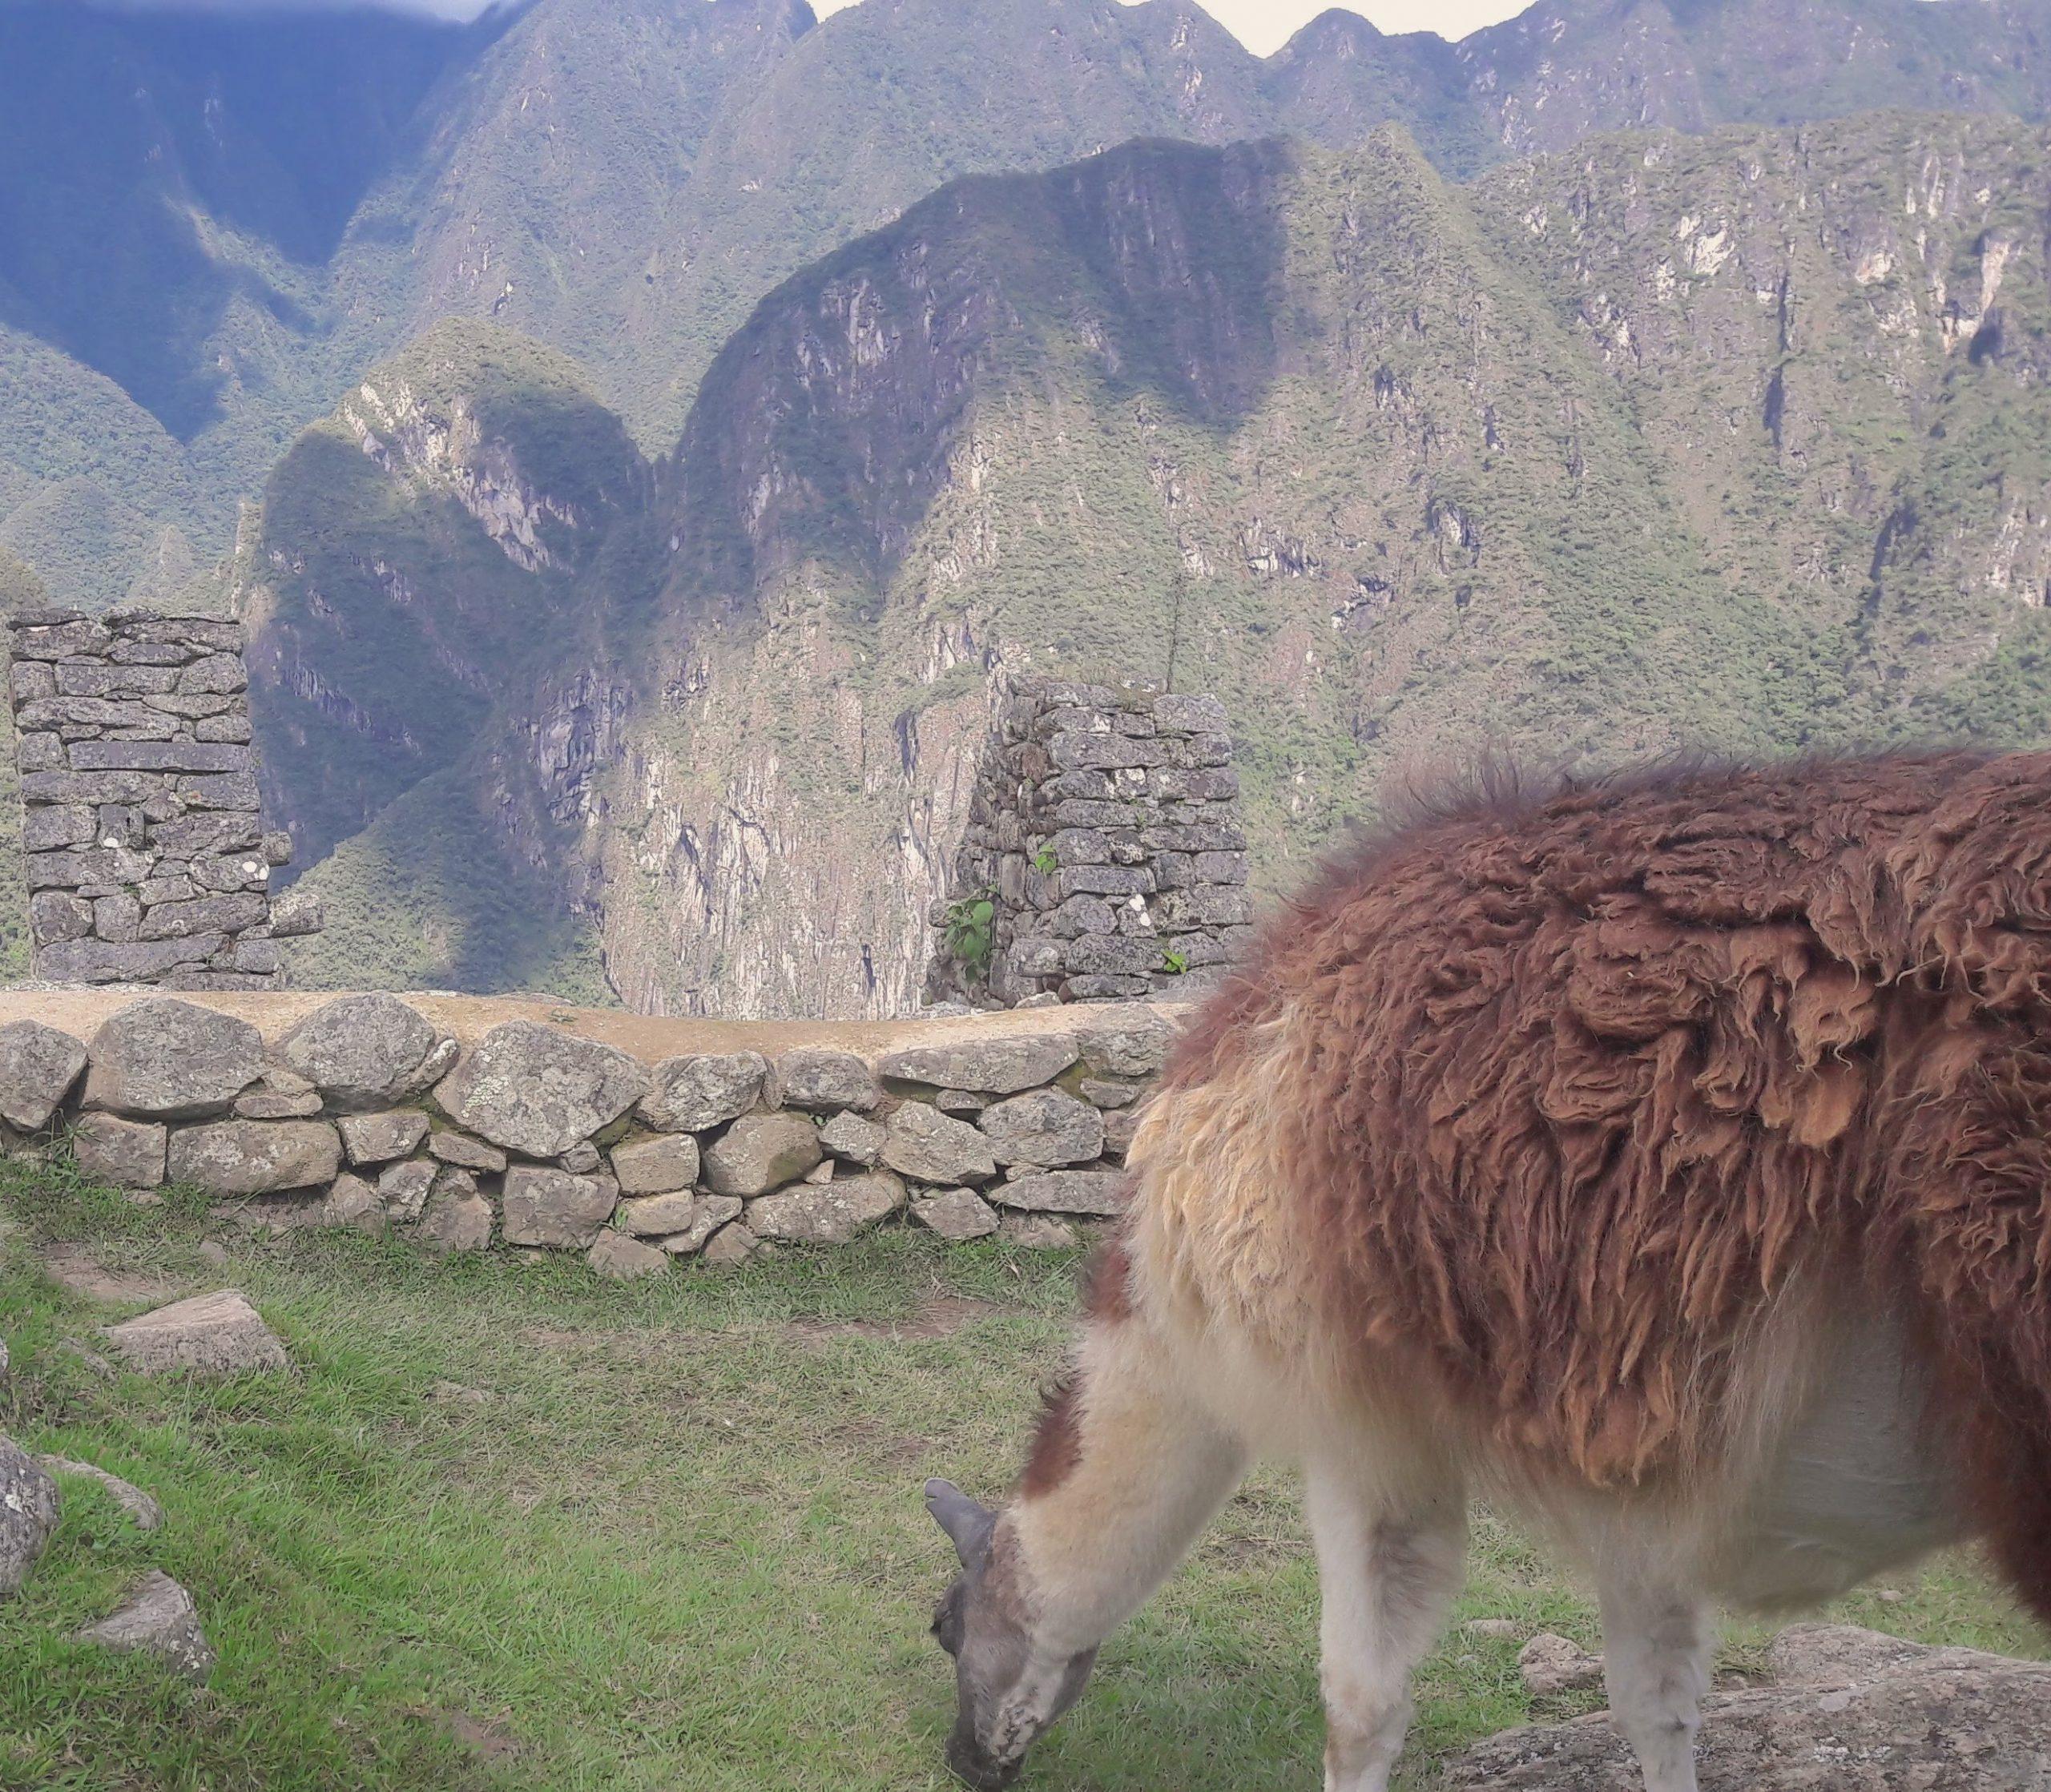 A grazing llama at Machu Picchu